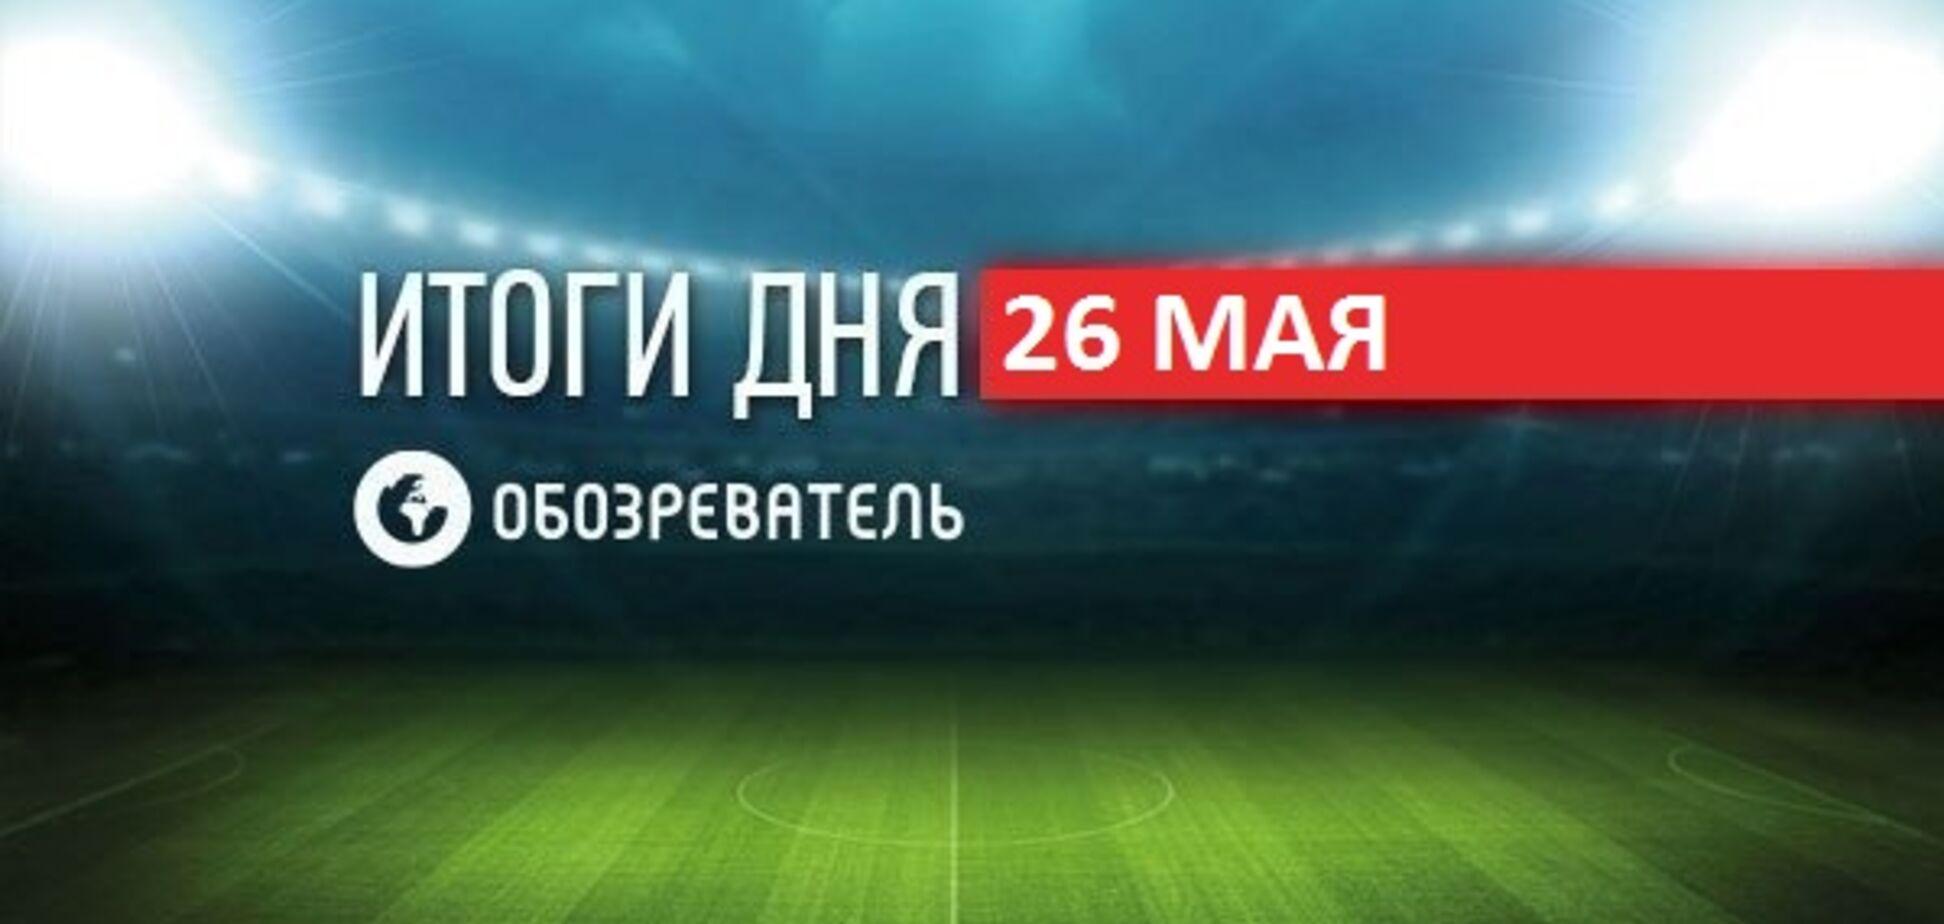 Грицай вказав Усику та Ломаченку на важливу деталь: спортивні підсумки 26 травня